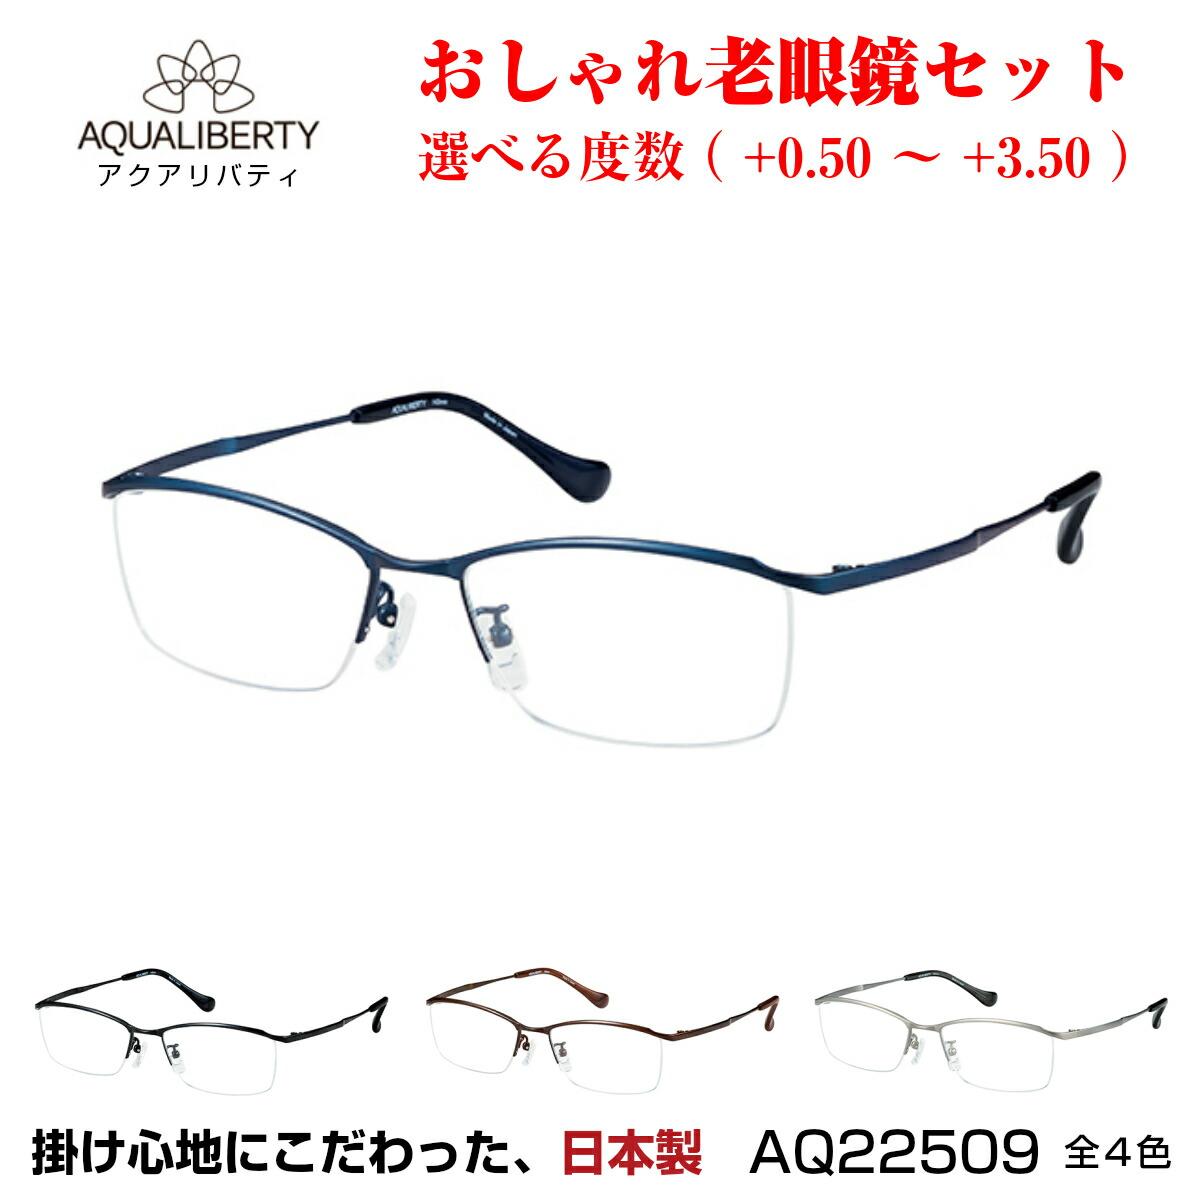 父の日 日本製 国産 鯖江 おしゃれ 老眼鏡 メンズ 男性用 アクアリバティ AQUALIBERTY AQ22509 全4色 ナイロール レトロ クラシック シャープ ビジネス めがね 眼鏡 度付き 紫外線 UVカット ブルーライトカット メガネ プレゼント ギフト